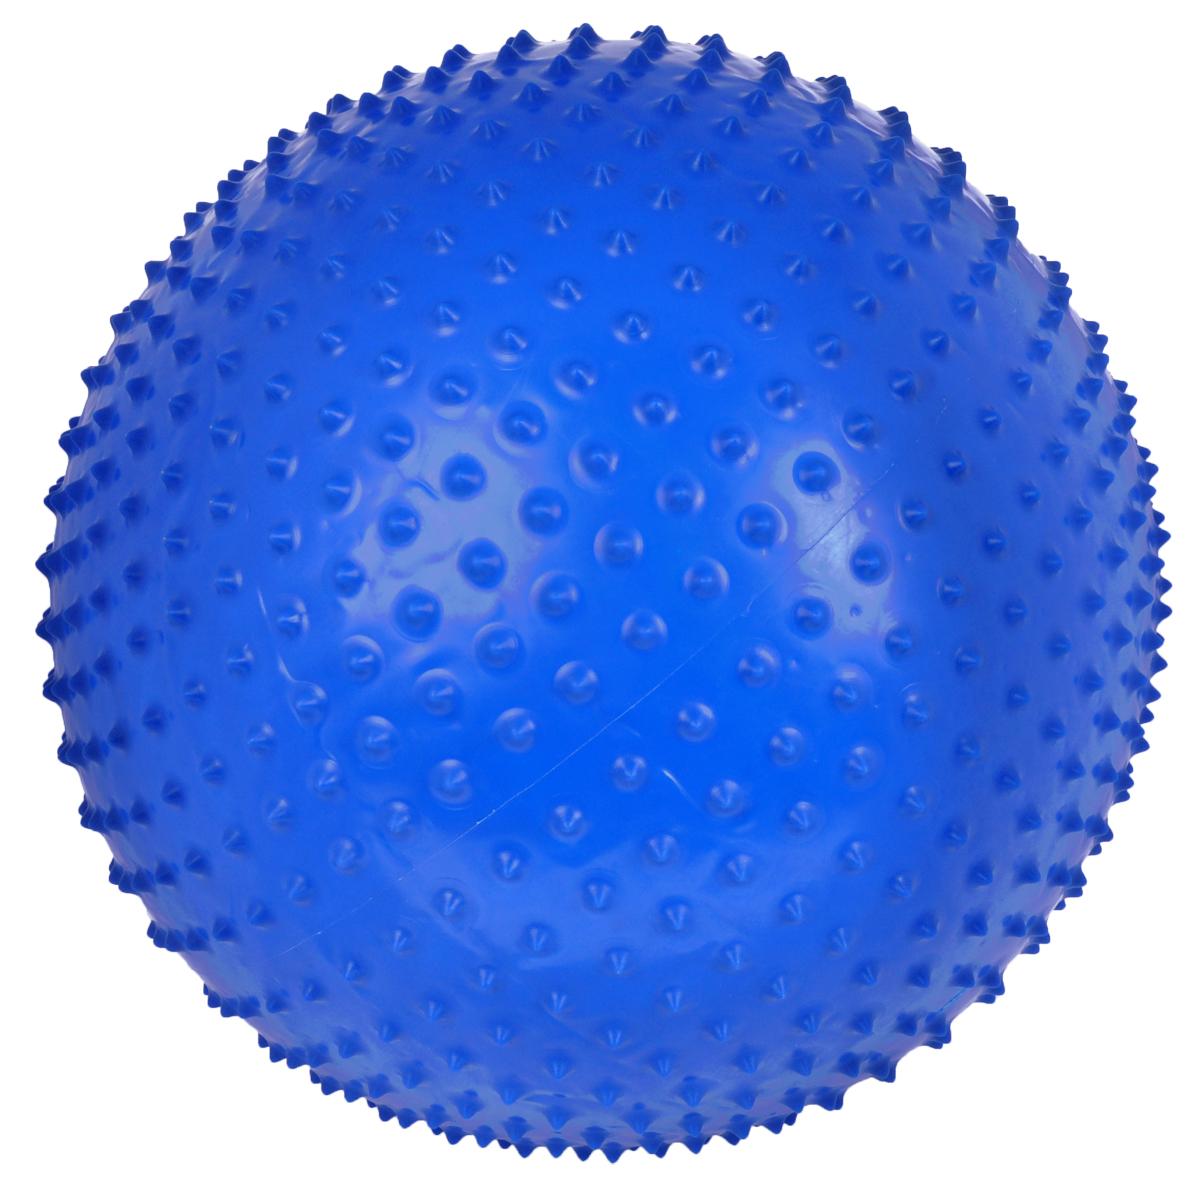 Фитбол Sport UP, с массажным эффектом, диаметр 65 смIR97404/65Фитбол Sport UP, изготовленный из полимерных материалов, идеально подходит для упражнений на растяжку, укрепляющих и тонизирующих упражнений. Благодаря легкому массажному эффекту улучшает циркуляцию крови.Не важно новичок вы или опытный спортсмен, фитбол позволяет повысить эффективность ваших тренировок.Насос в комплекте.Максимальный вес пользователя: 100 кг.Максимальная статическая нагрузка: 250 кг.Йога: все, что нужно начинающим и опытным практикам. Статья OZON Гид